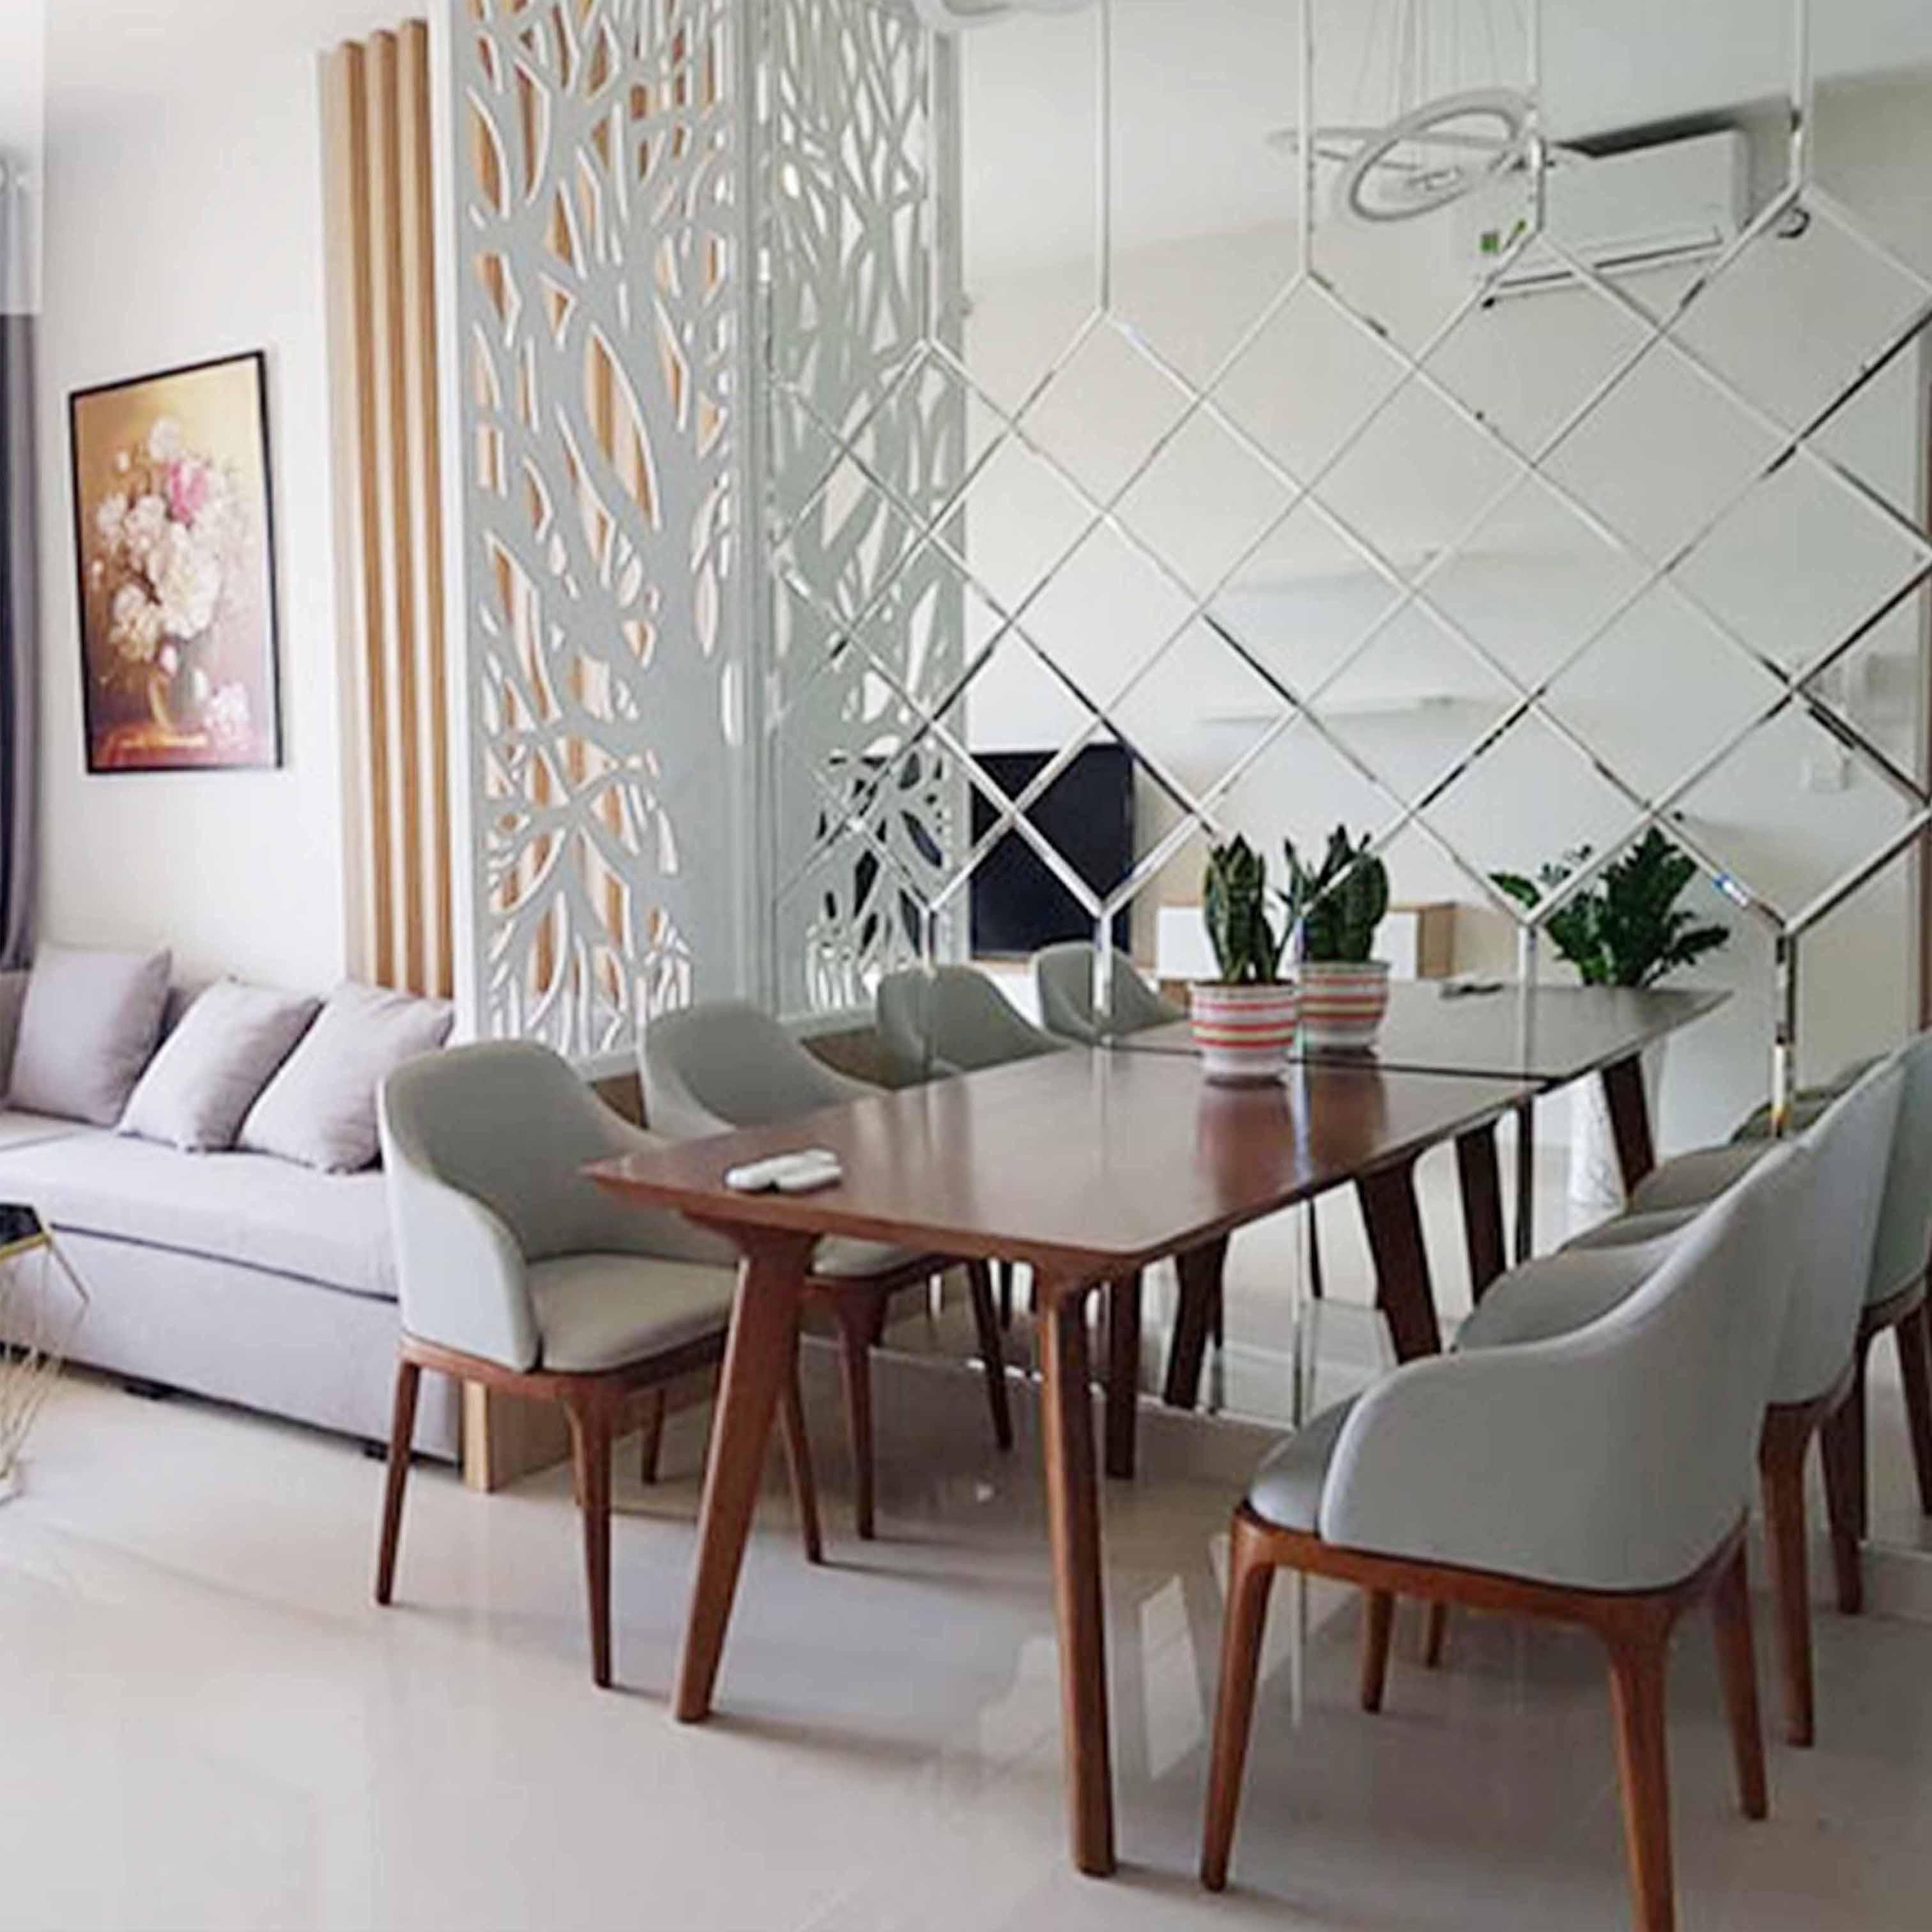 Công trình thiết kế và thi công căn hộ tại Văn Quán, Hà Đông - TK14LHFU